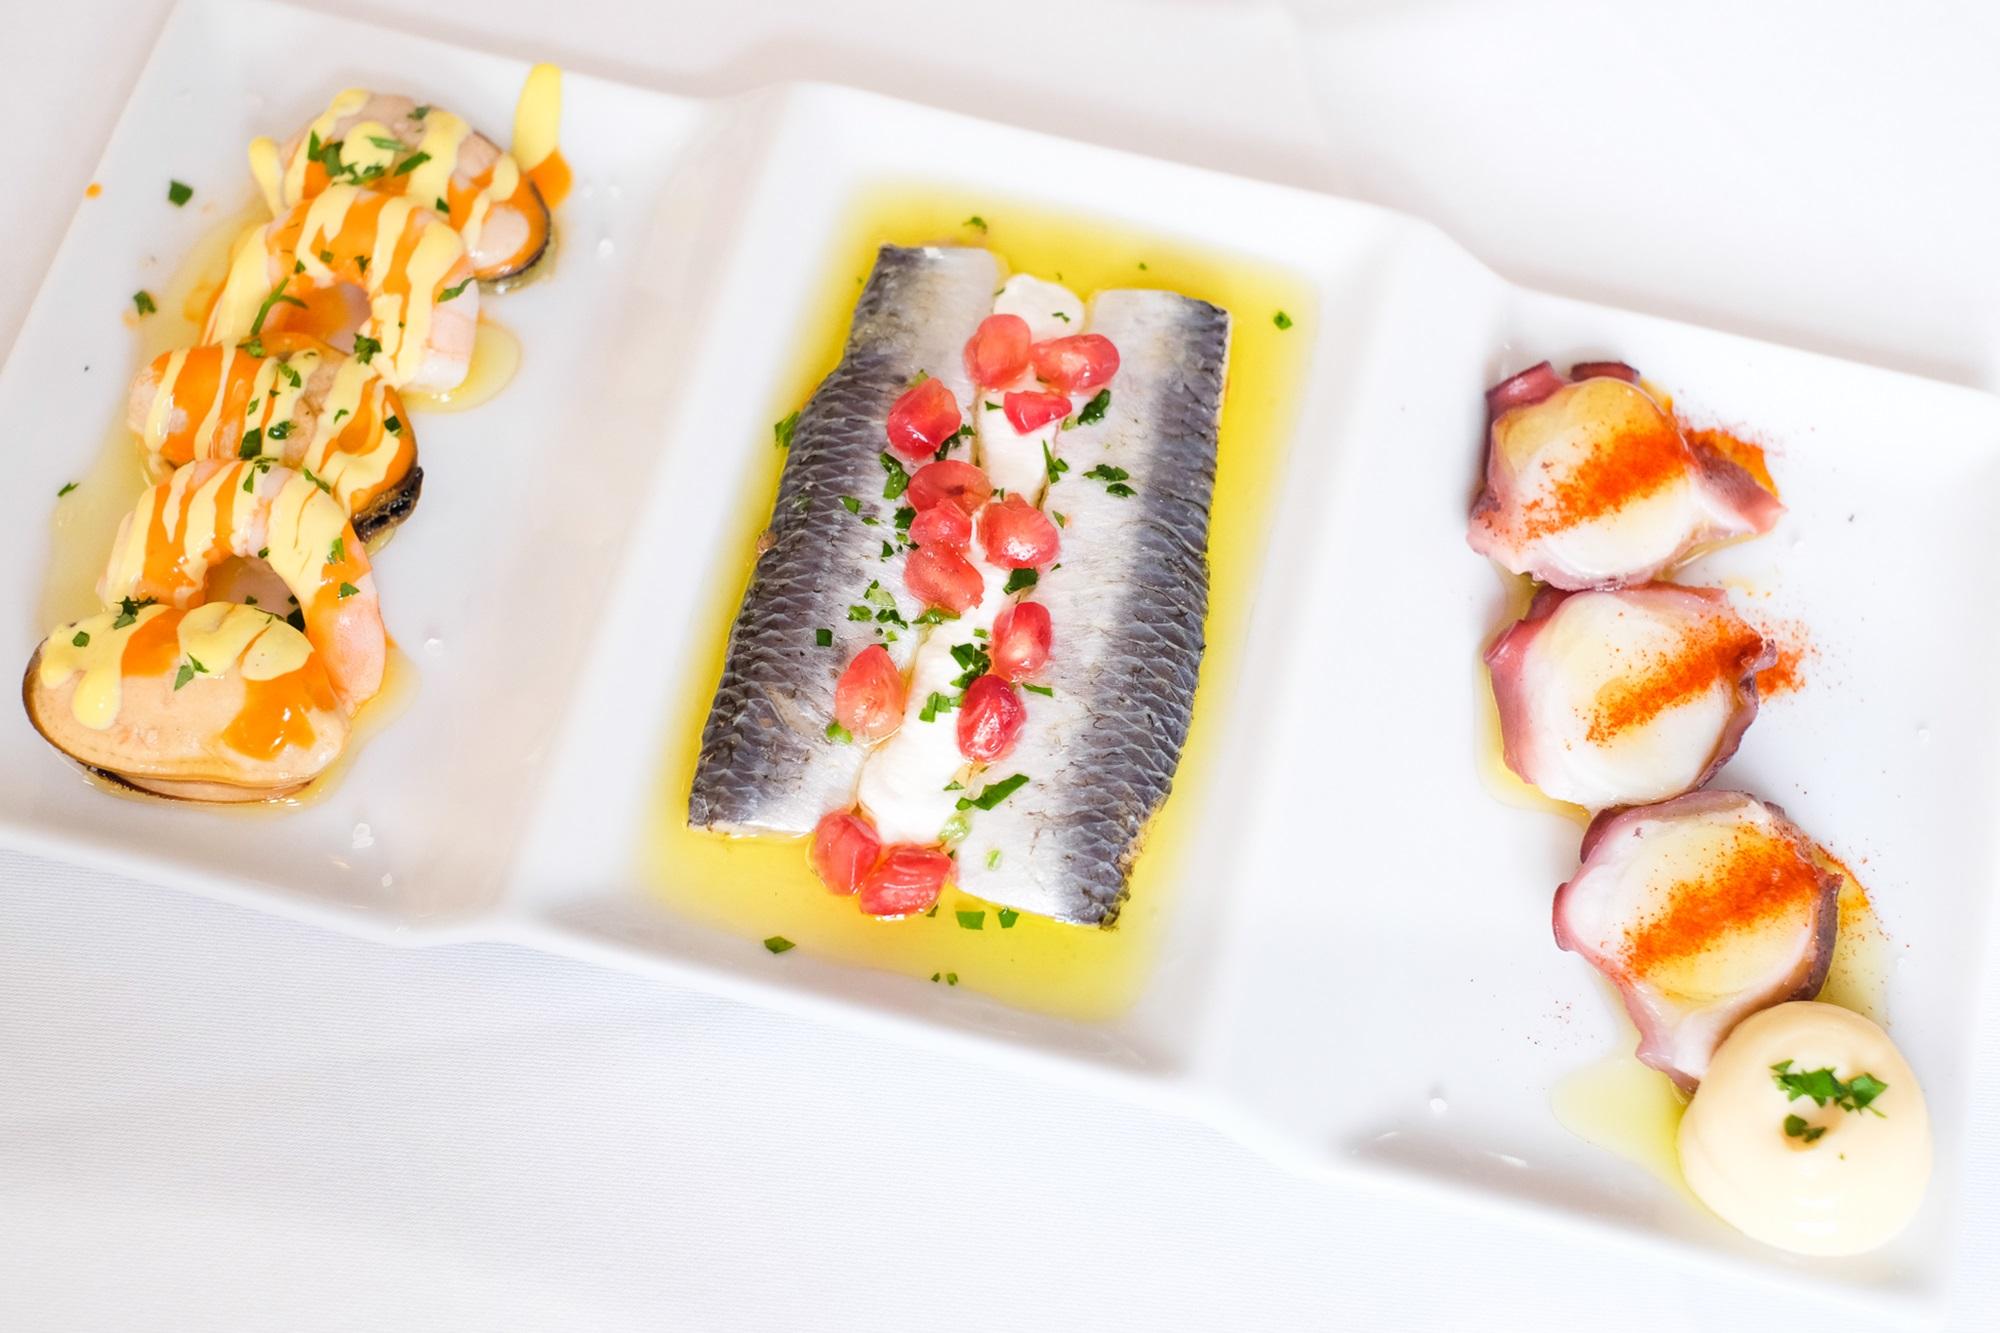 Mejillones y gambas, sardinas y pulpo. Trío de tapas de pescado y marisco.